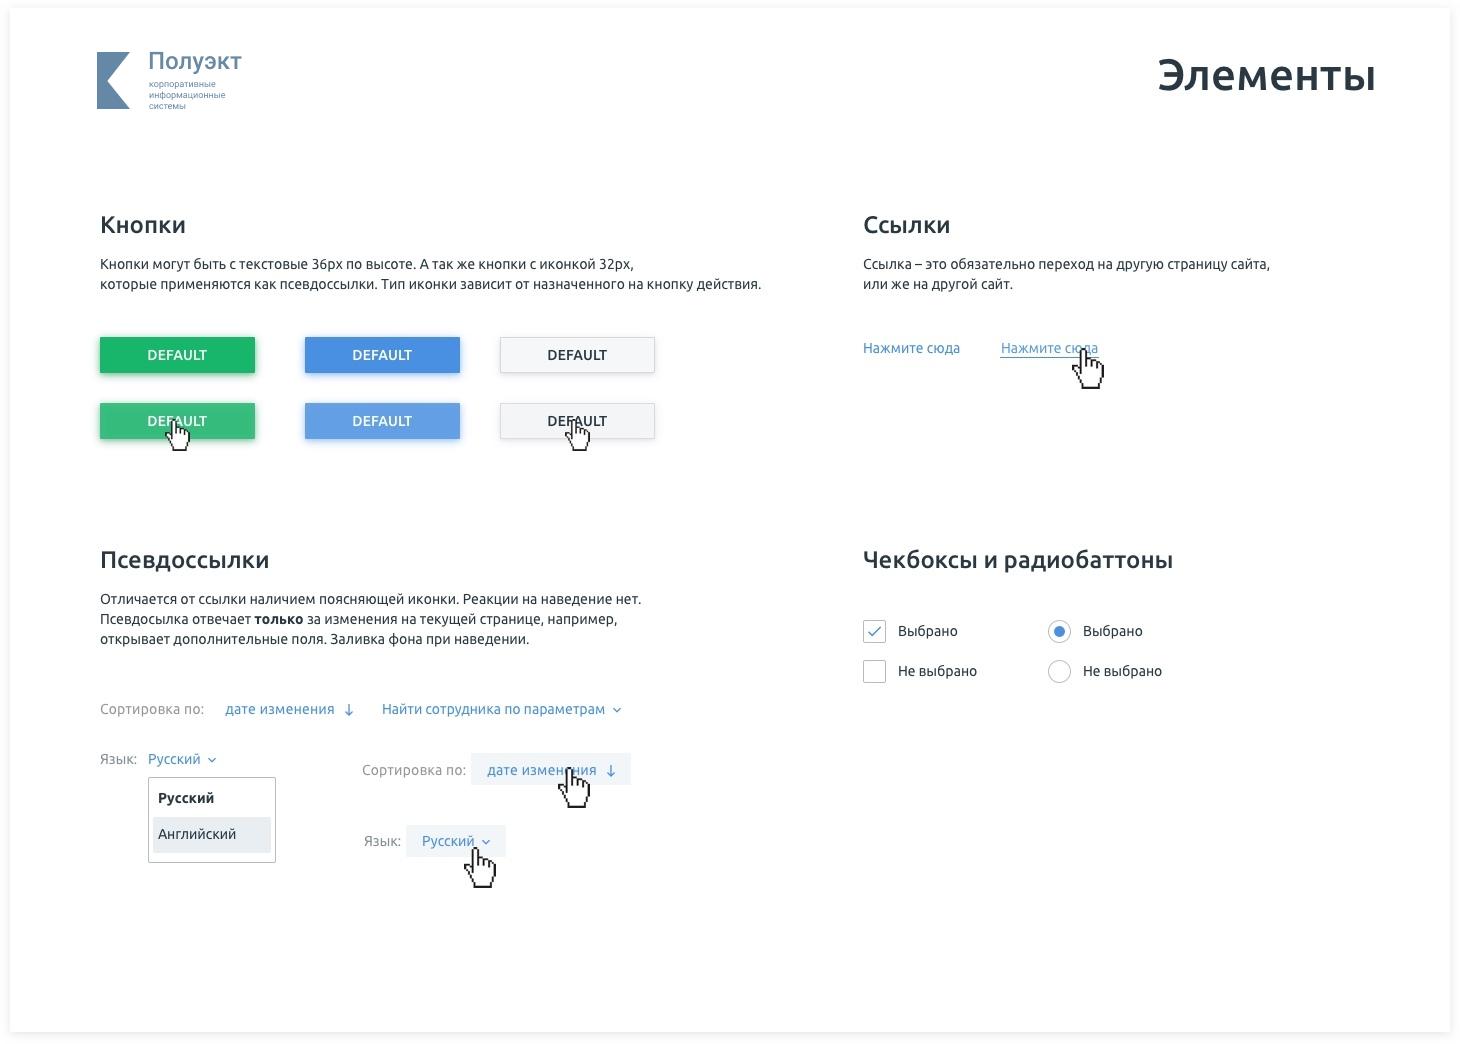 Активные элементы UI-kit во всех состояниях   SobakaPav.ru